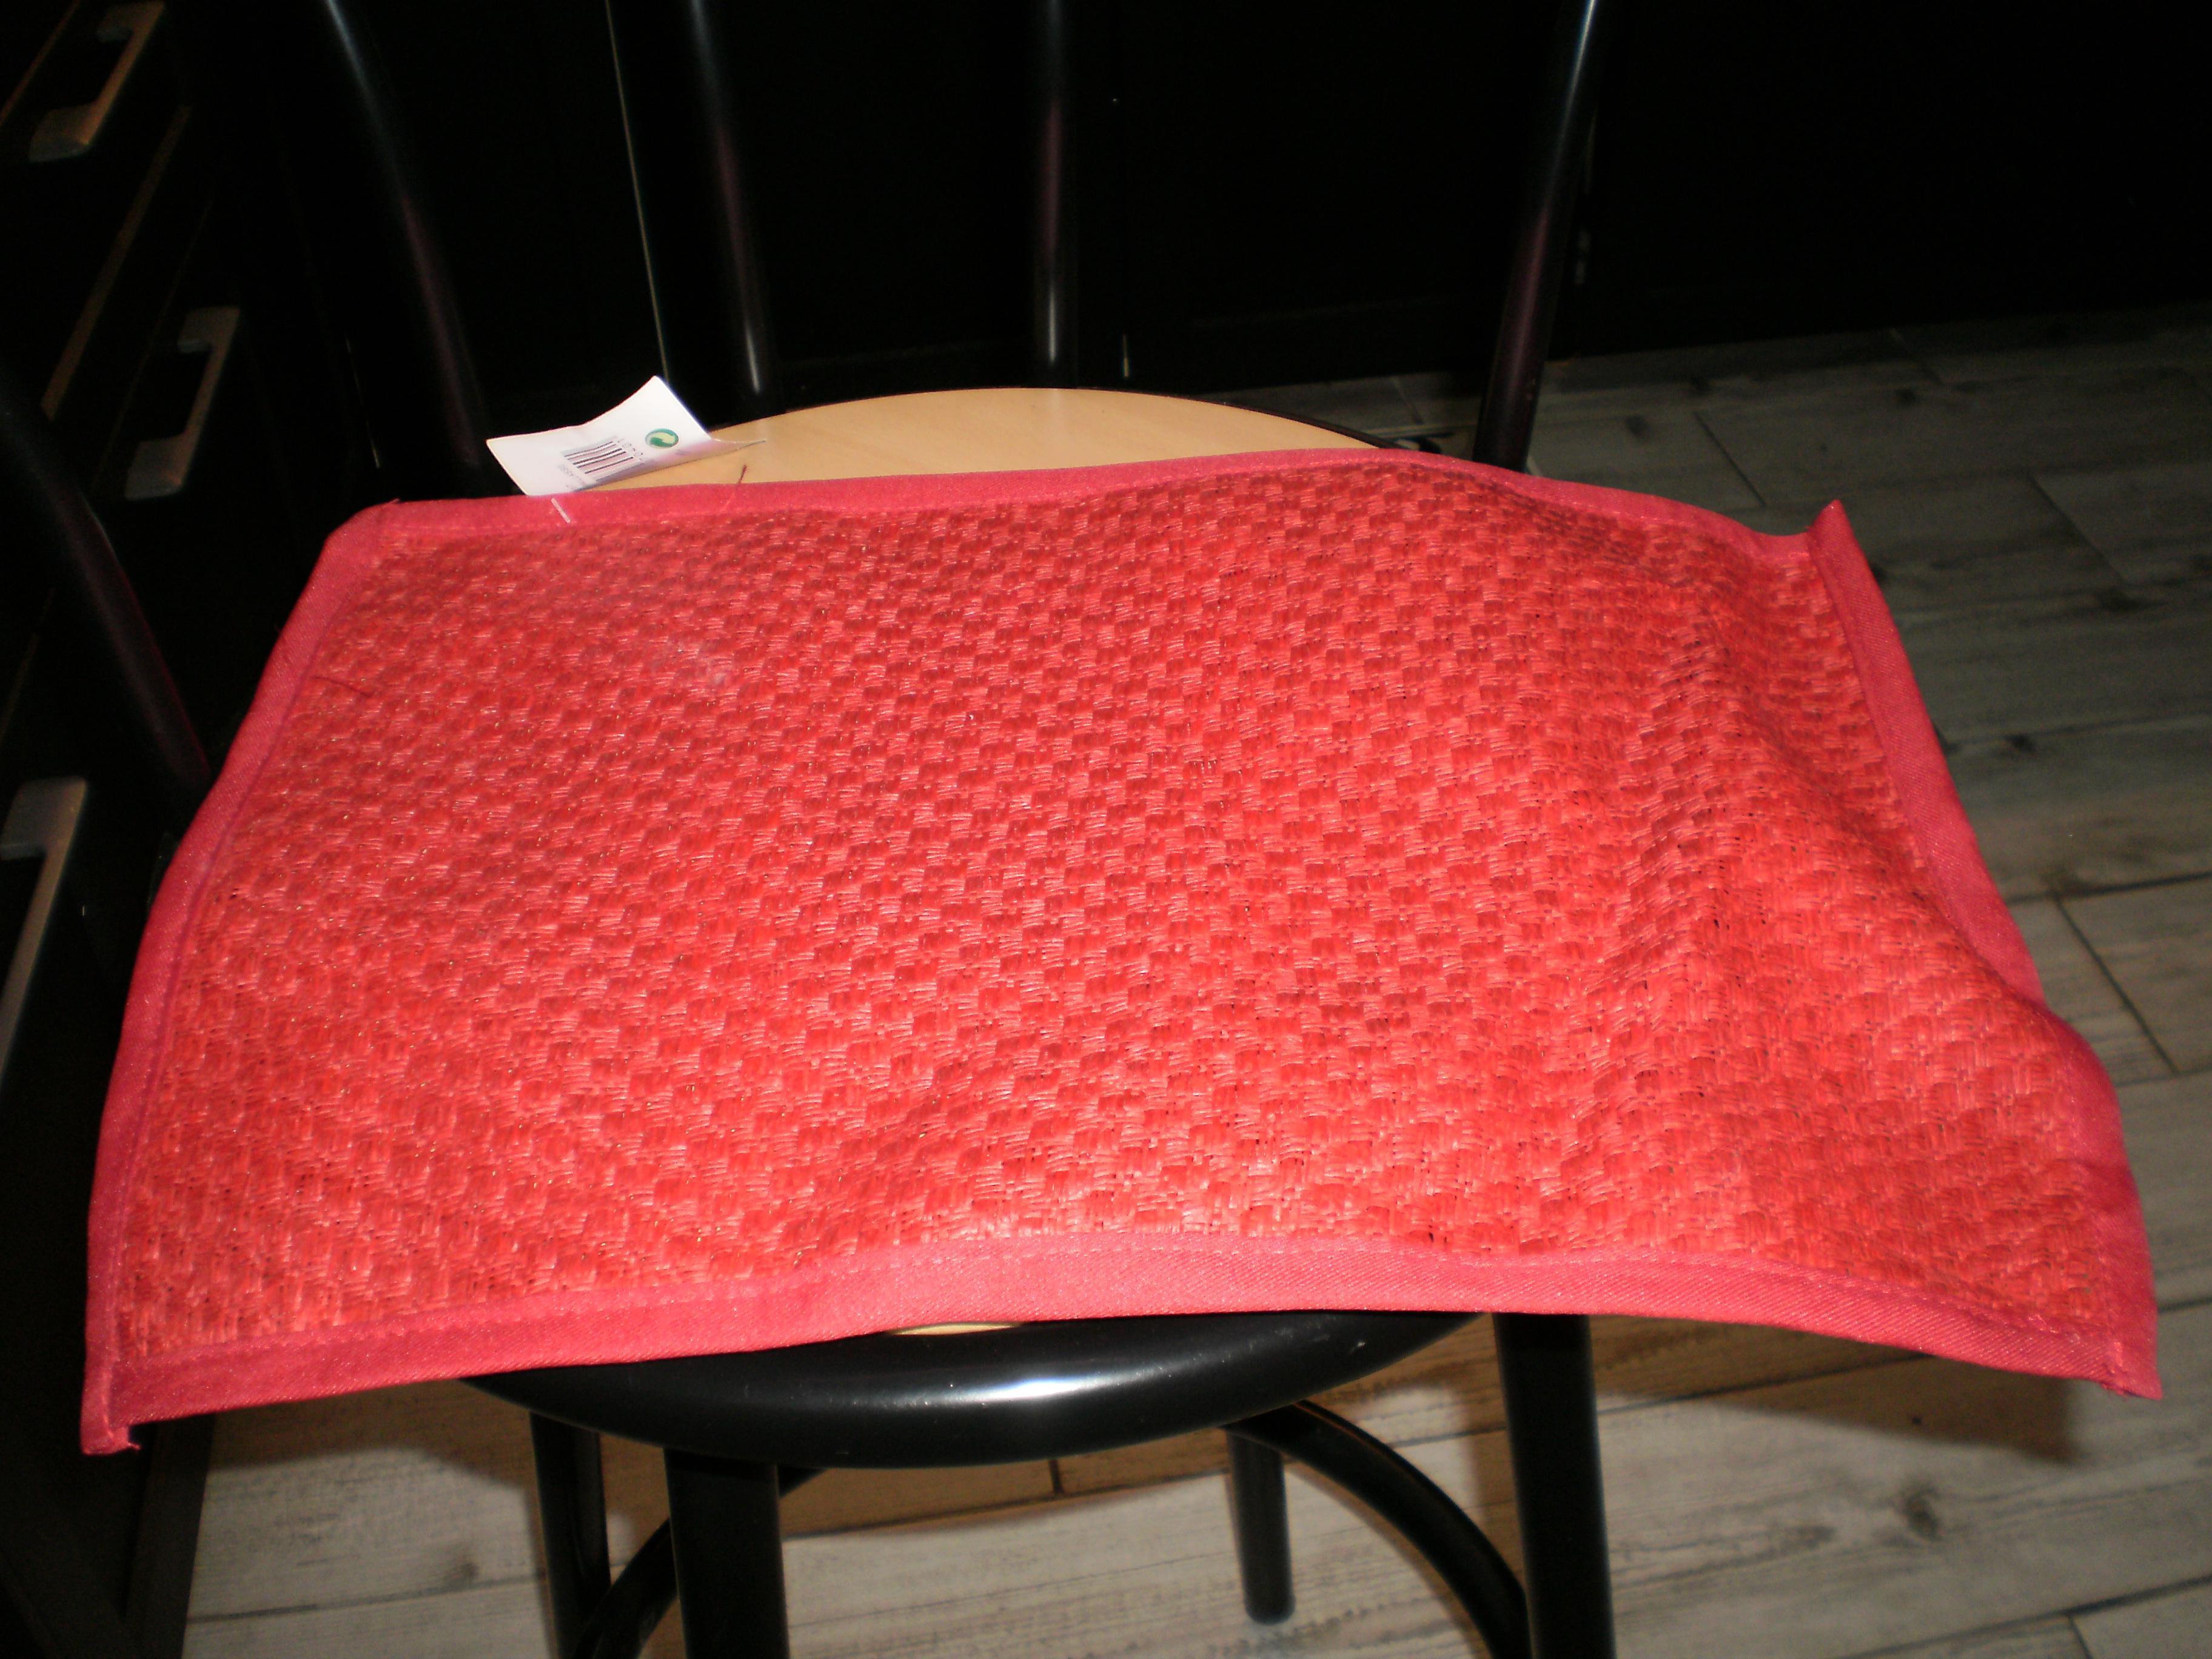 troc de troc set de table nf rouge 43,5x30,5 style paille image 0